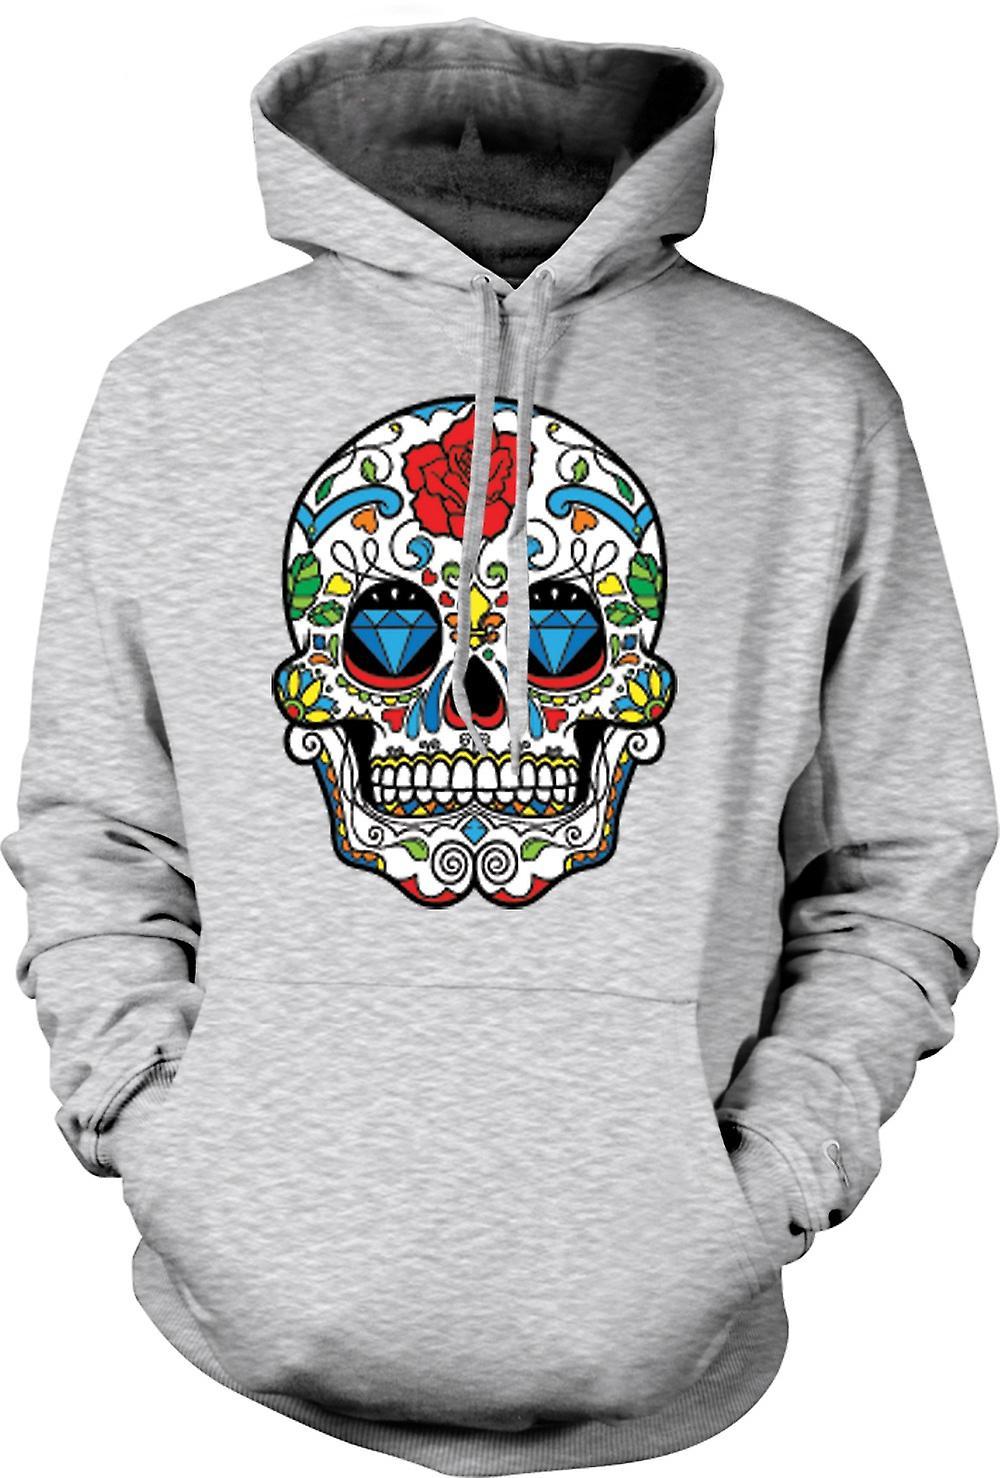 Herren Hoodie - Mexikanische Zuckerschädel - Dia De Los Muertos